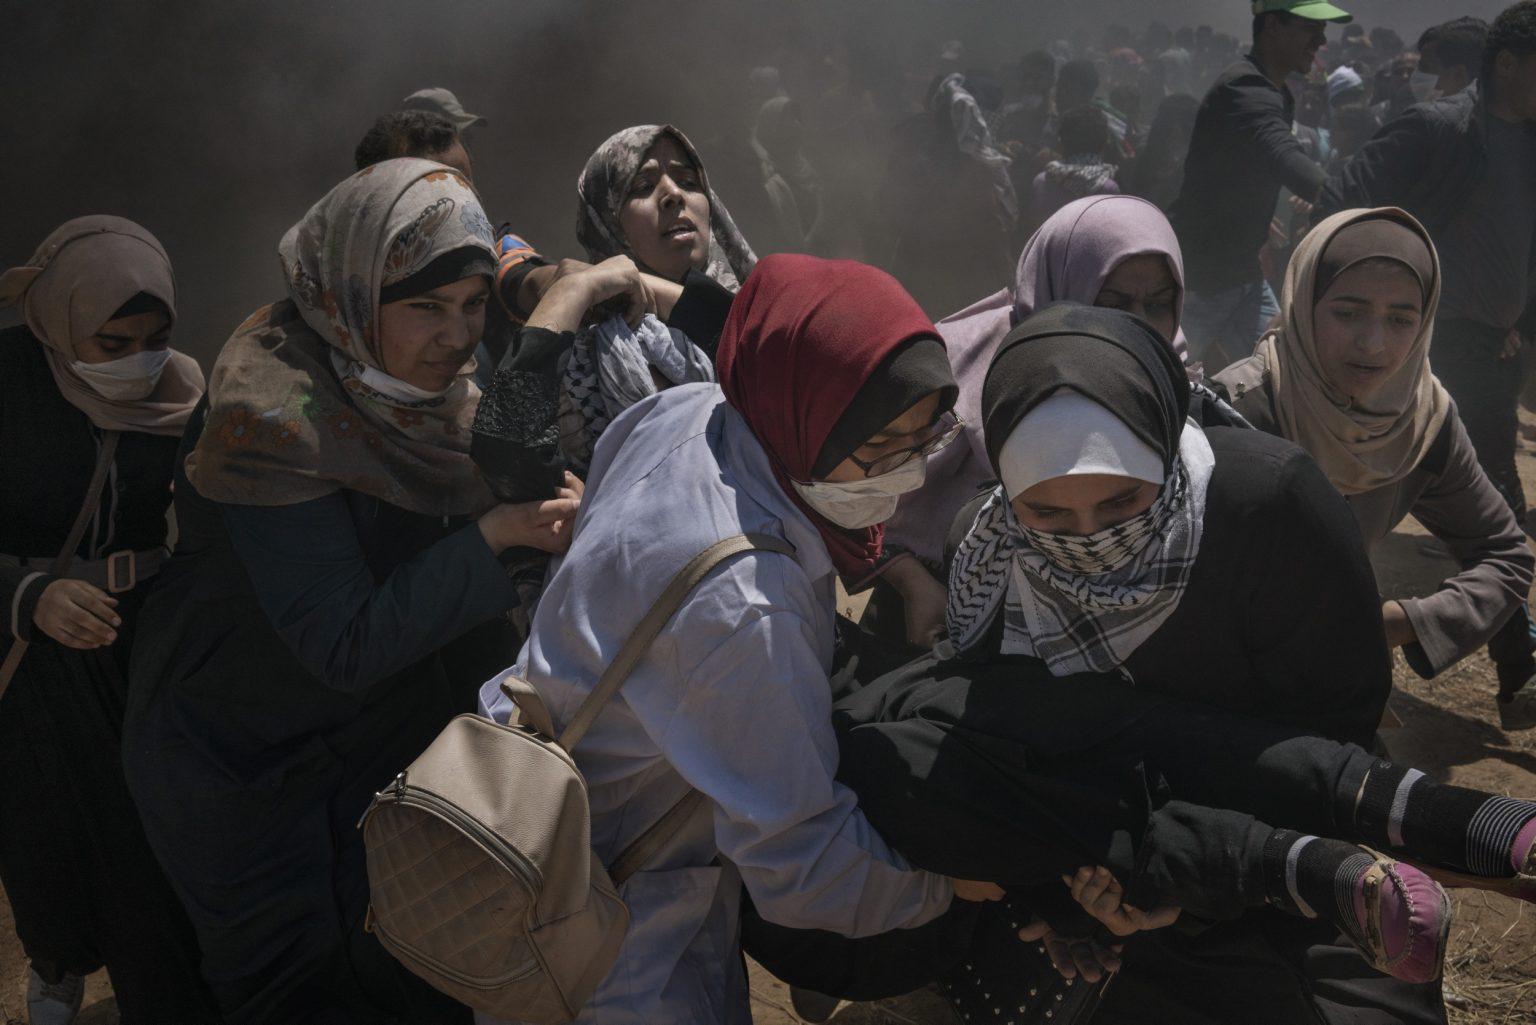 Gaza Strip, May 2018 - A wounded woman is evacuated by other women after she was injured in the head during the protest along the Gaza-Israel border. >< Striscia di Gaza, maggio 2018 - Una donna colpita alla testa da una pallottola viene trasportata via durante le proteste lungo il confine tra Gaza e Israele.